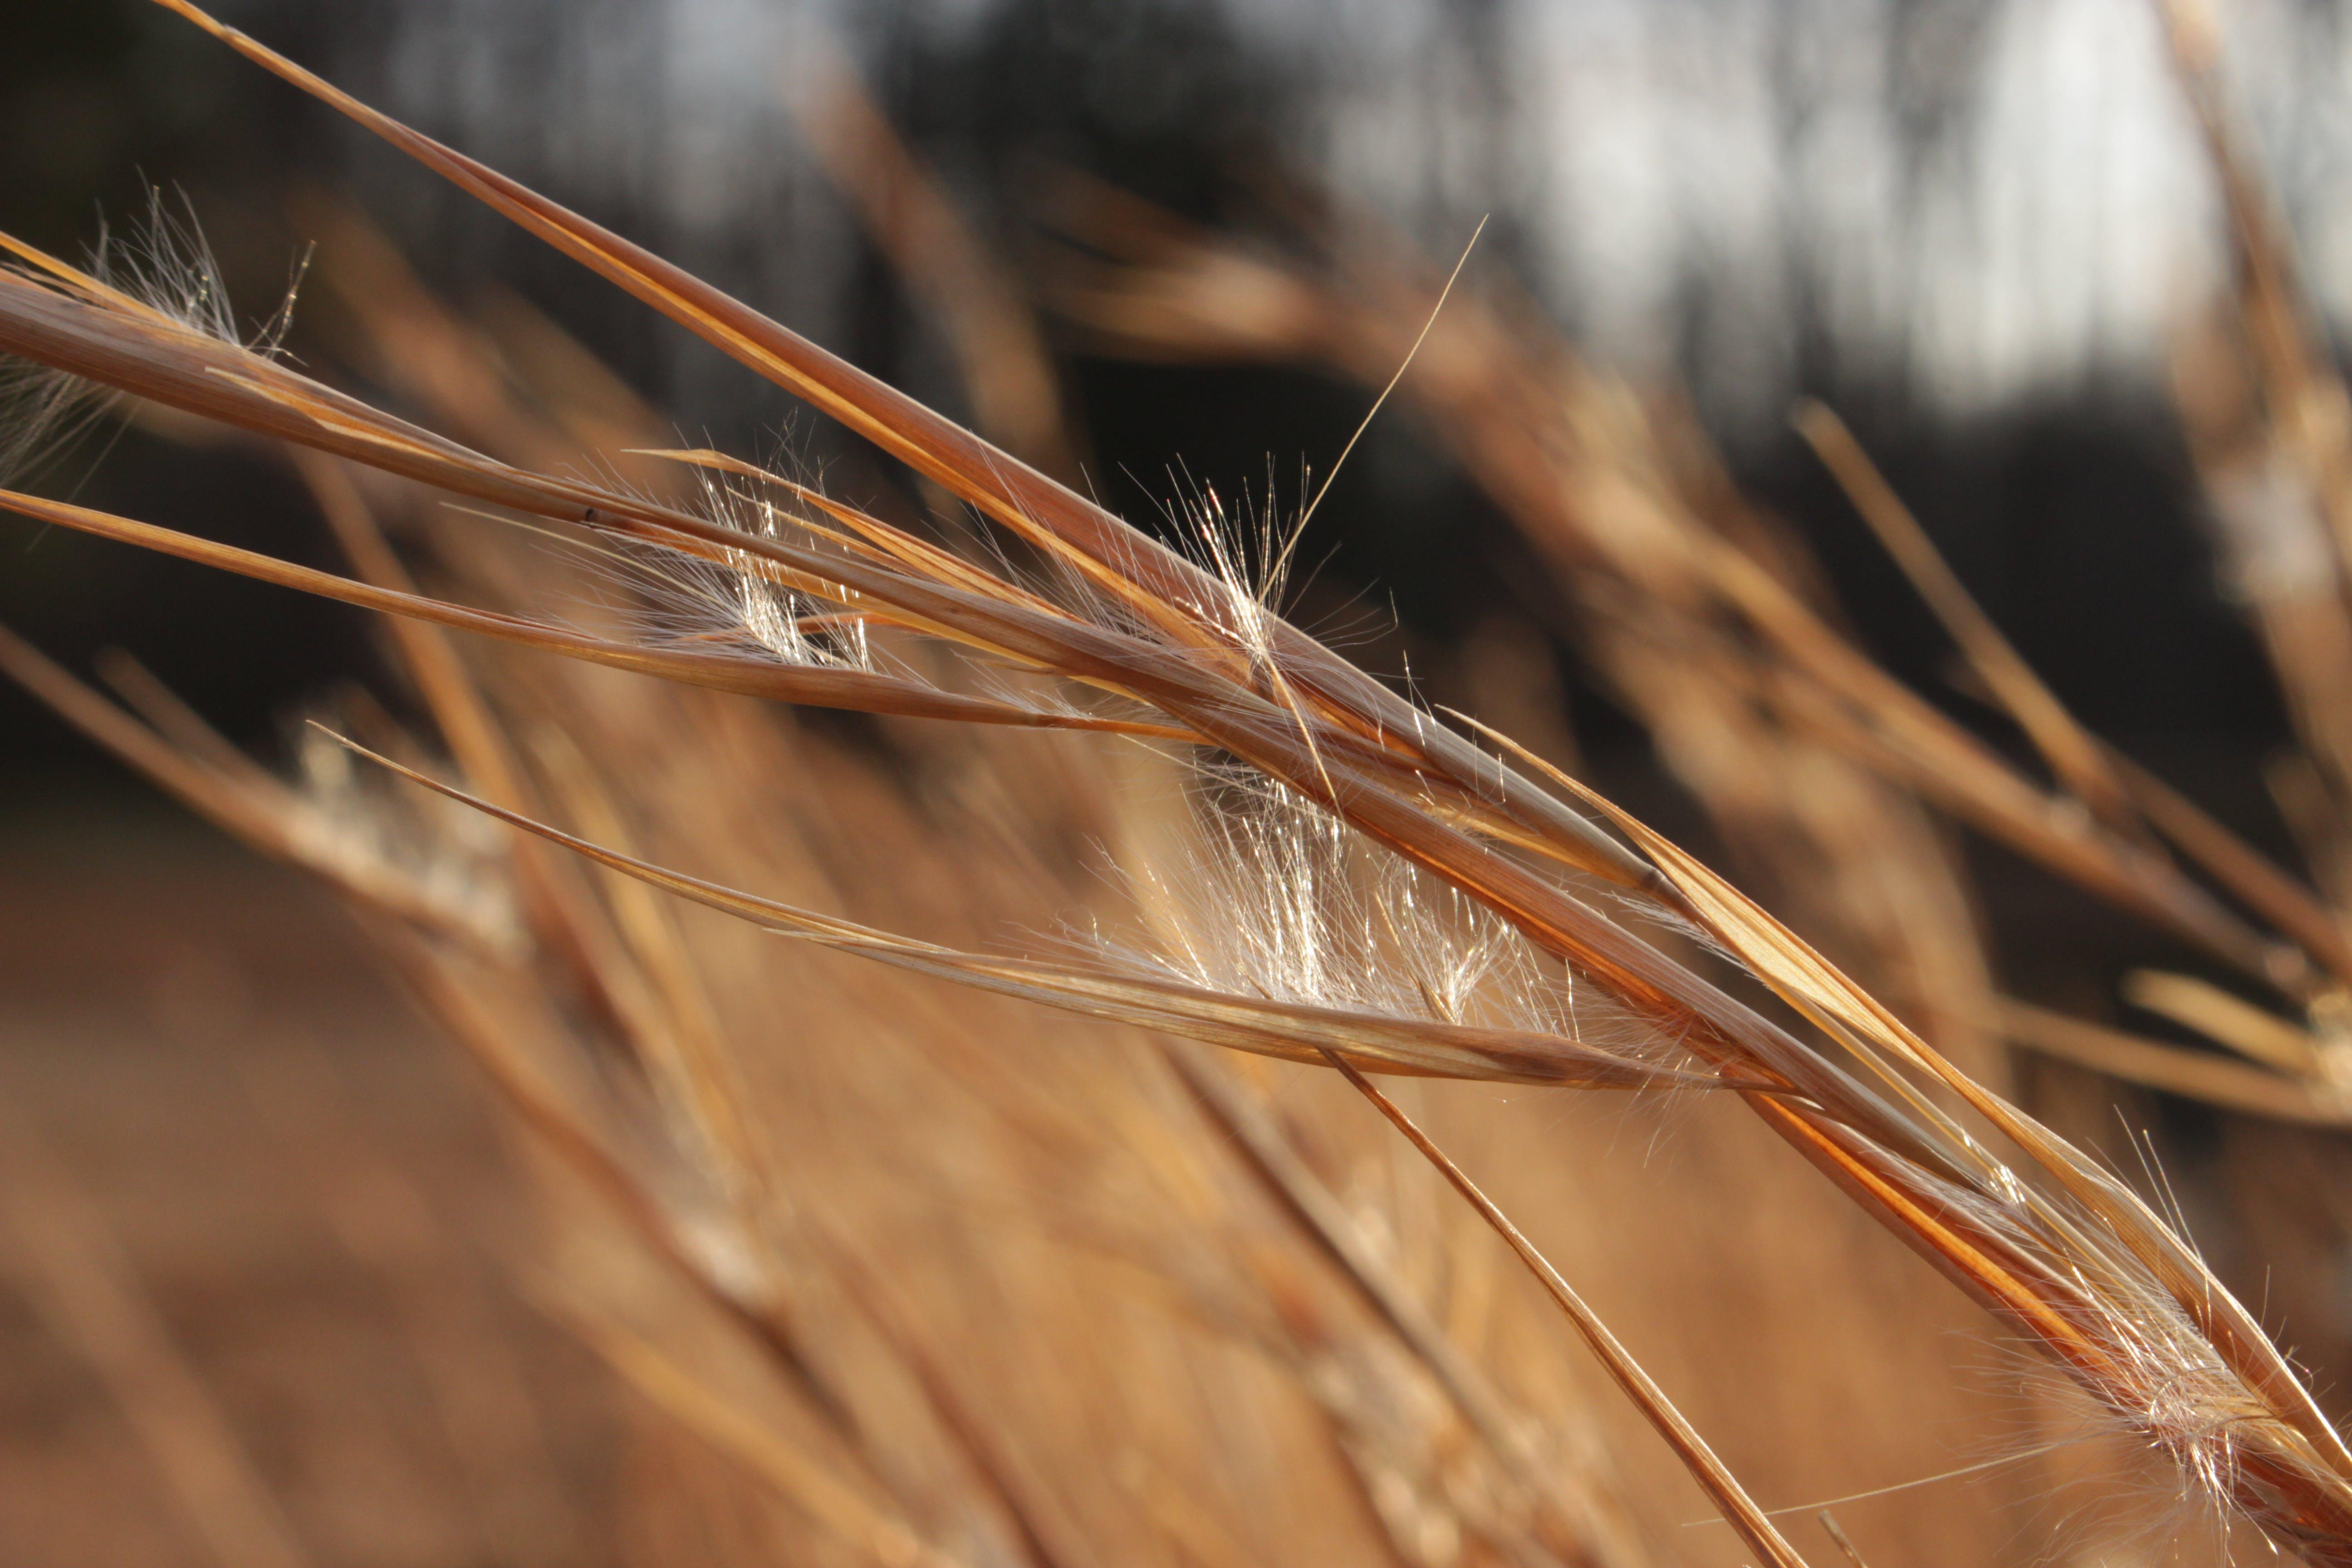 Δωρεάν στοκ φωτογραφιών με γρασίδι, λεπίδα από γρασίδι, φύση